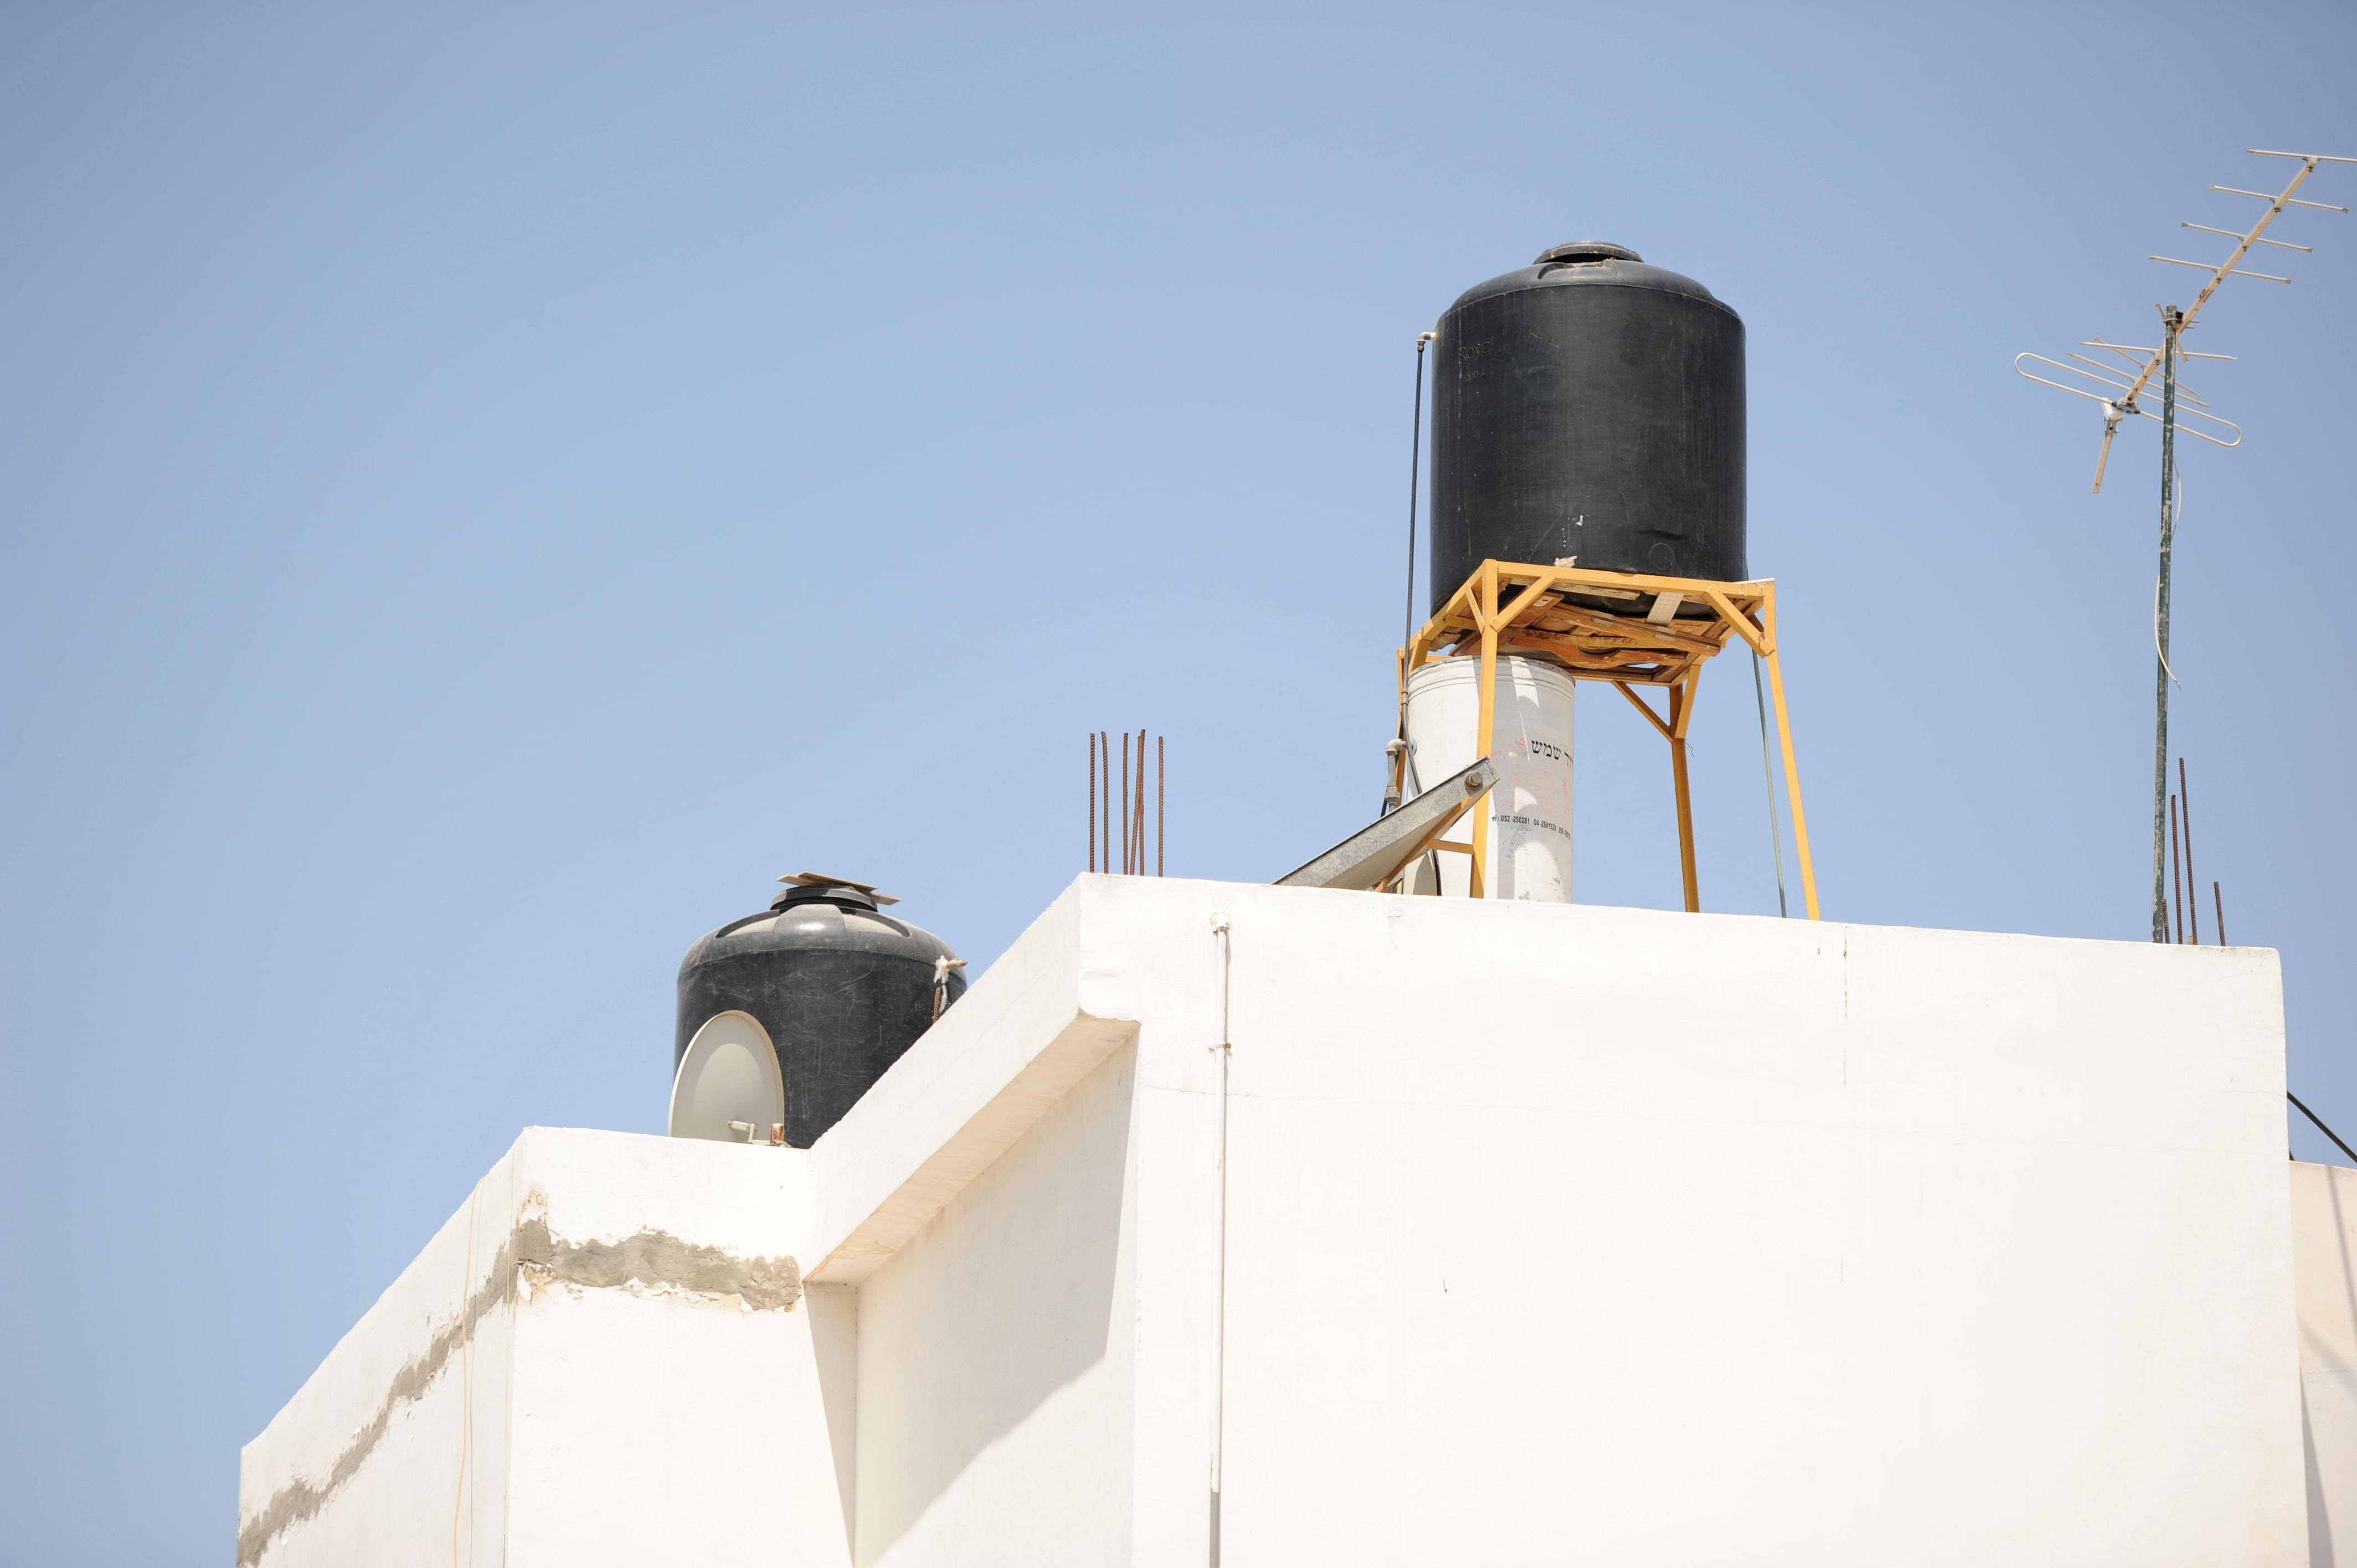 Roof water cistern in Jenin, West Bank